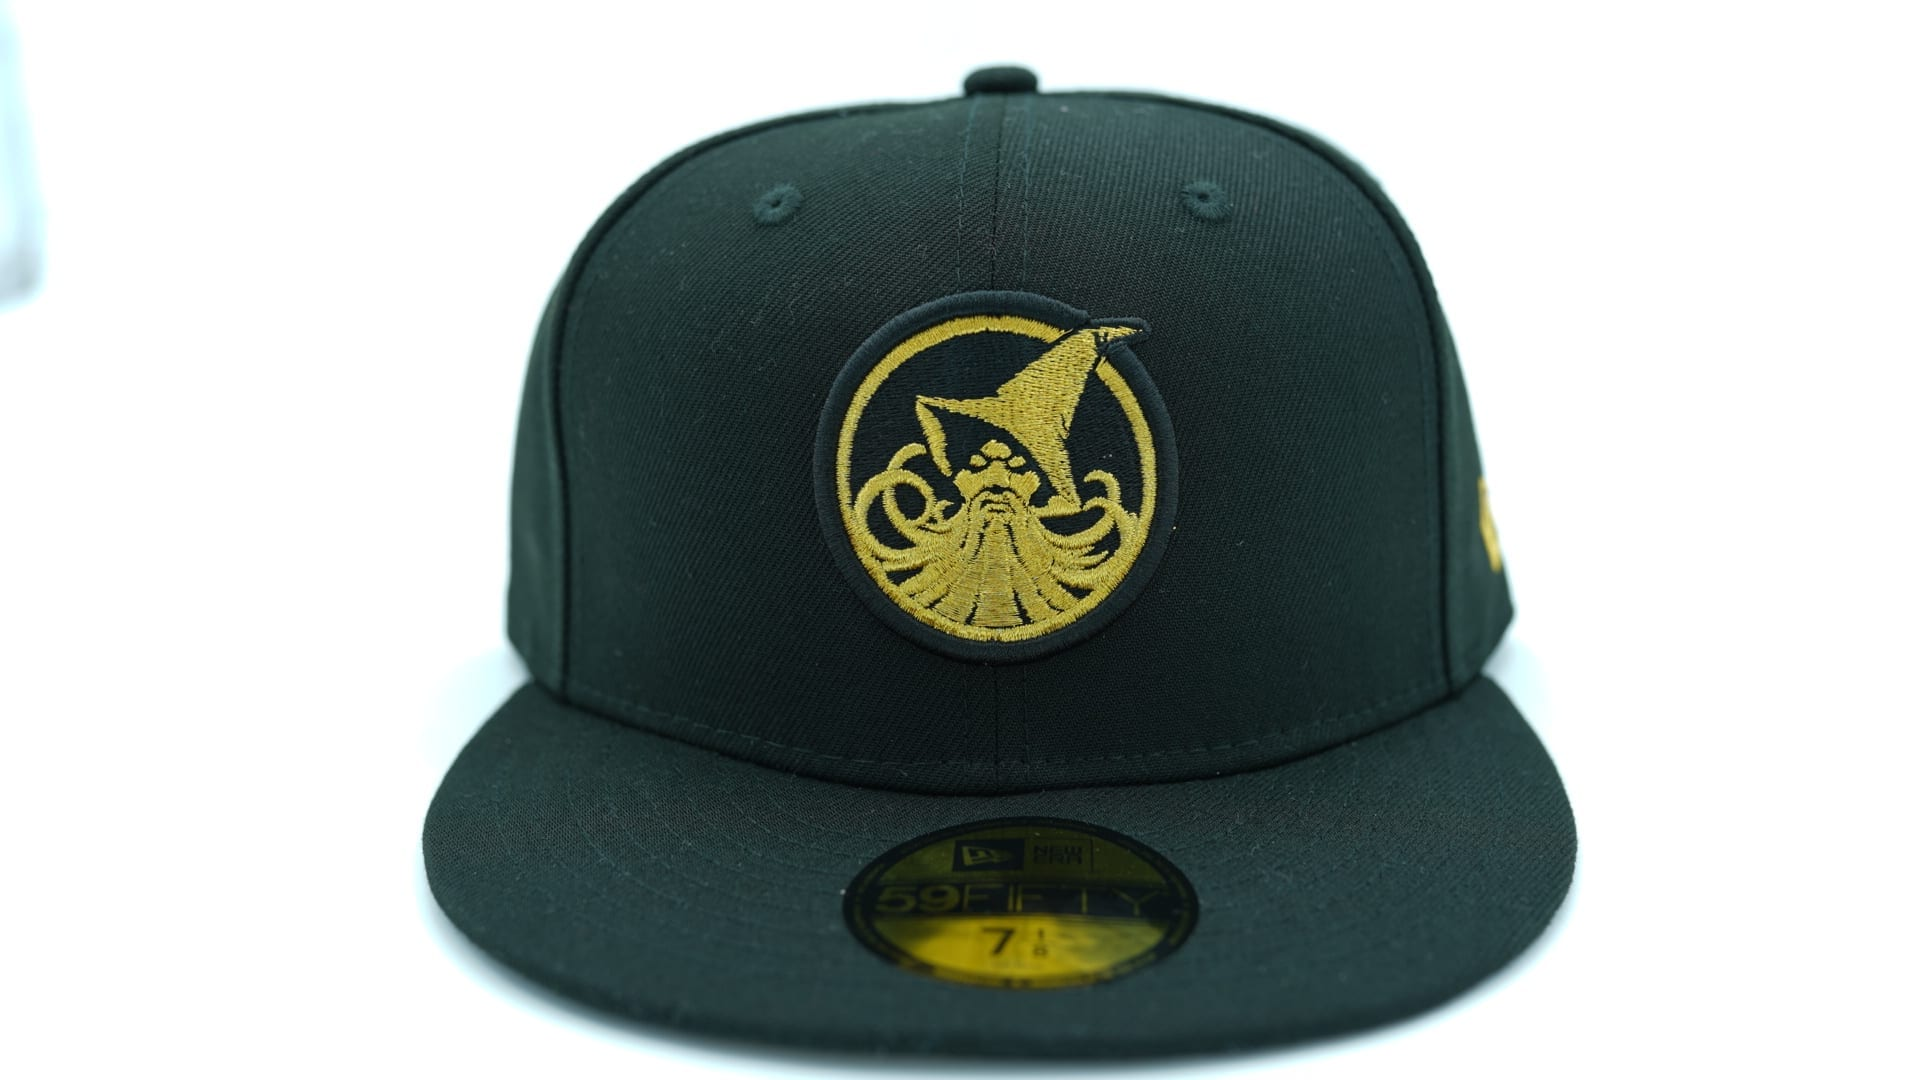 r-bresnahan-new-york-giants-cap-fitted-b